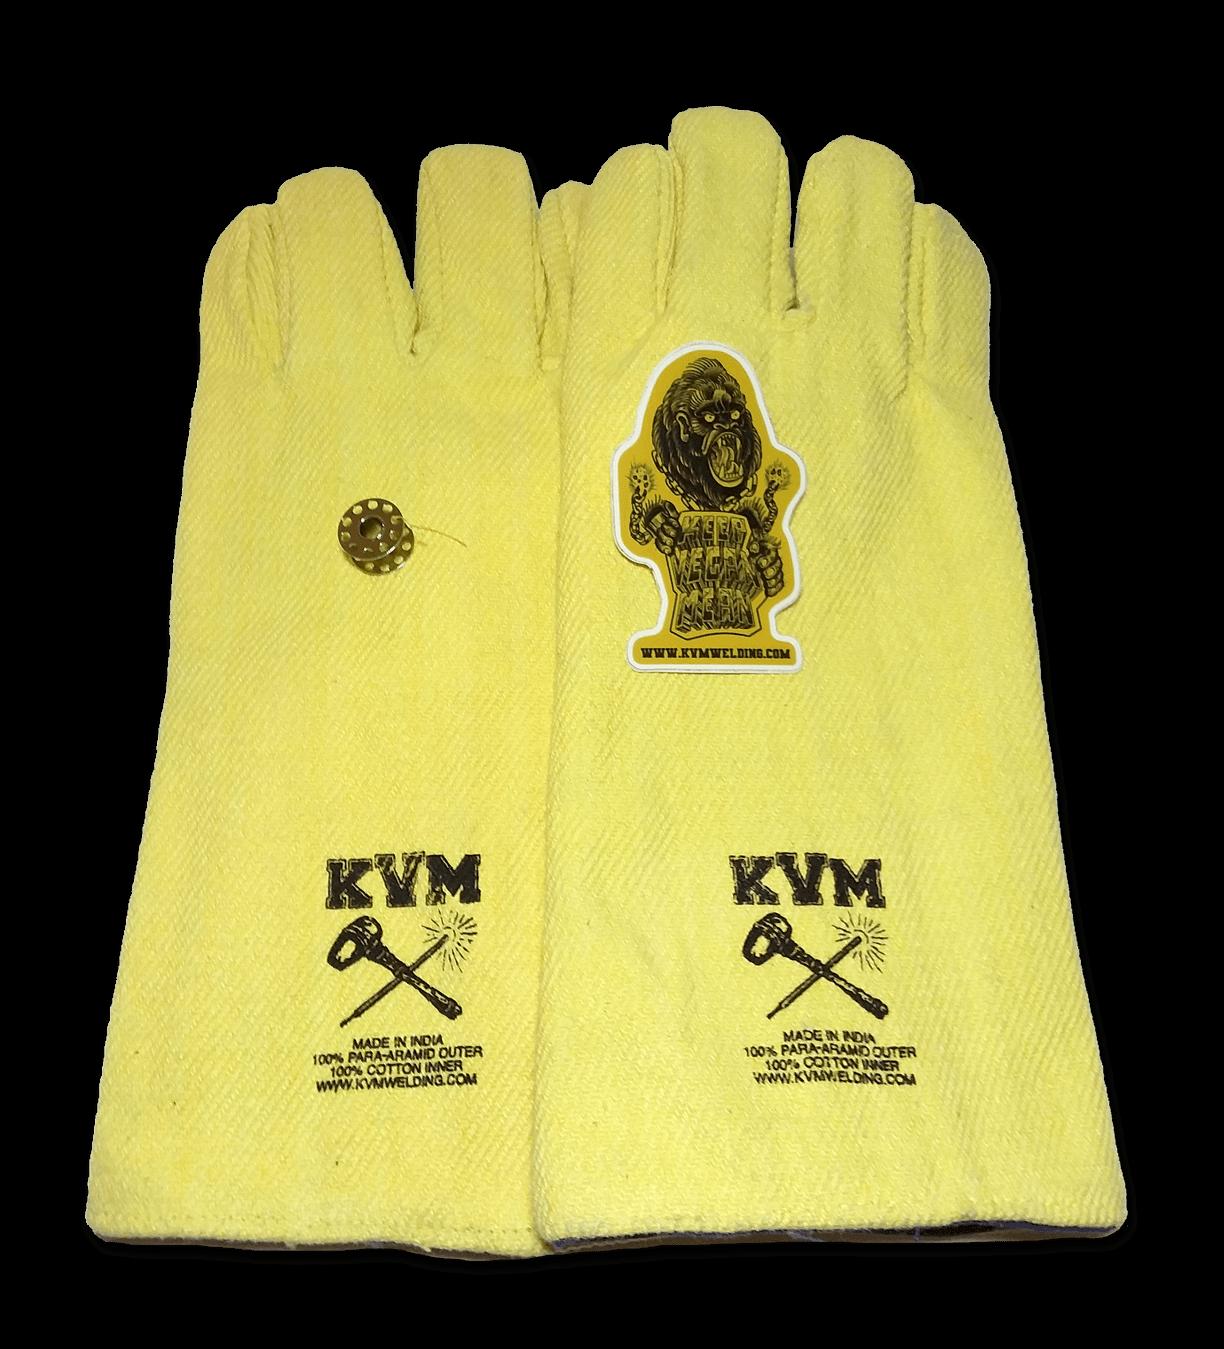 vegan-welding-gloves-2020